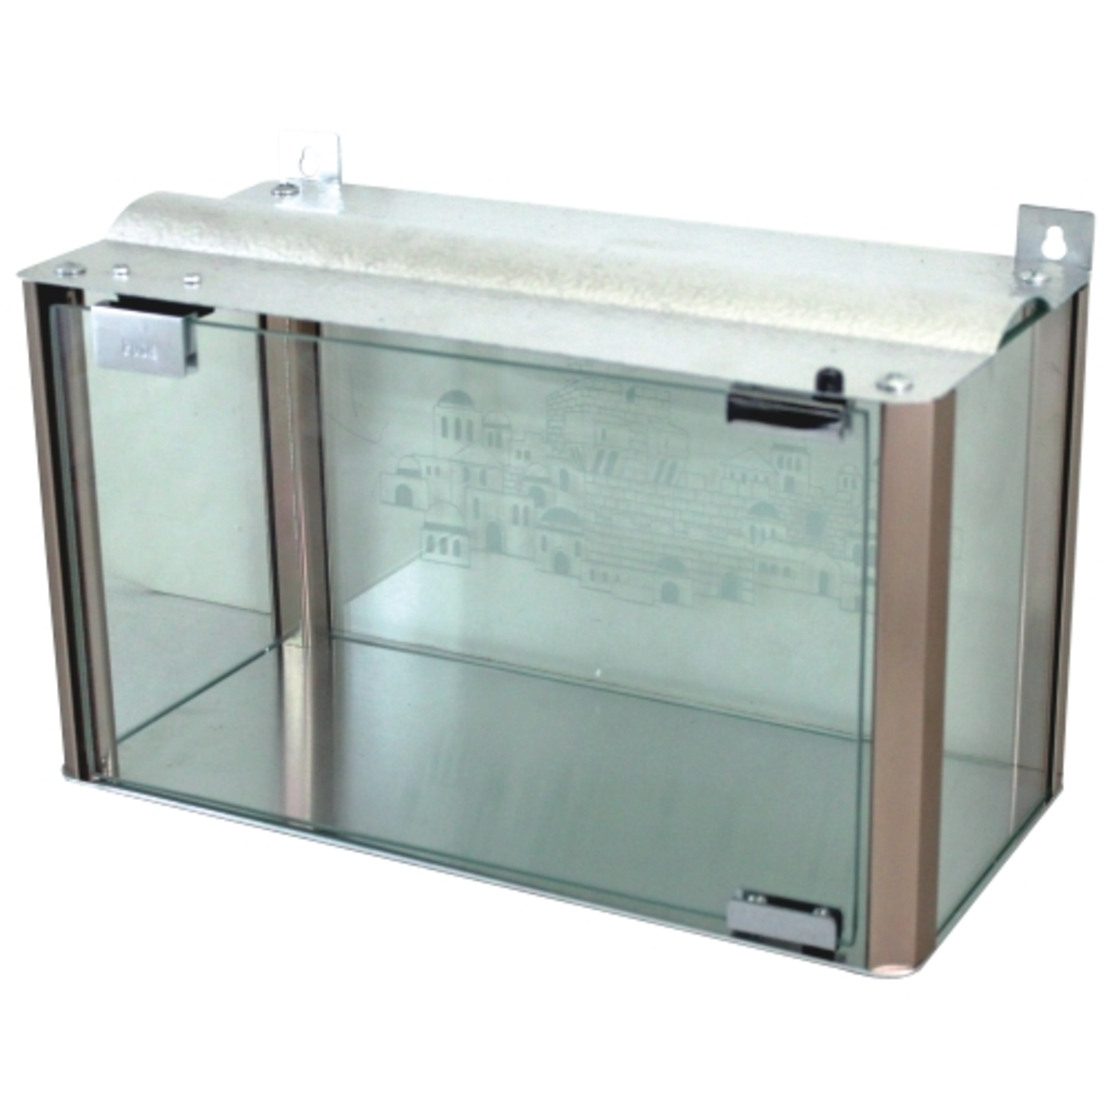 בית חנוכייה מהודר מאלומיניום וזכוכית - פרופילים בגוון נחושת 40X40X20 ס'מ